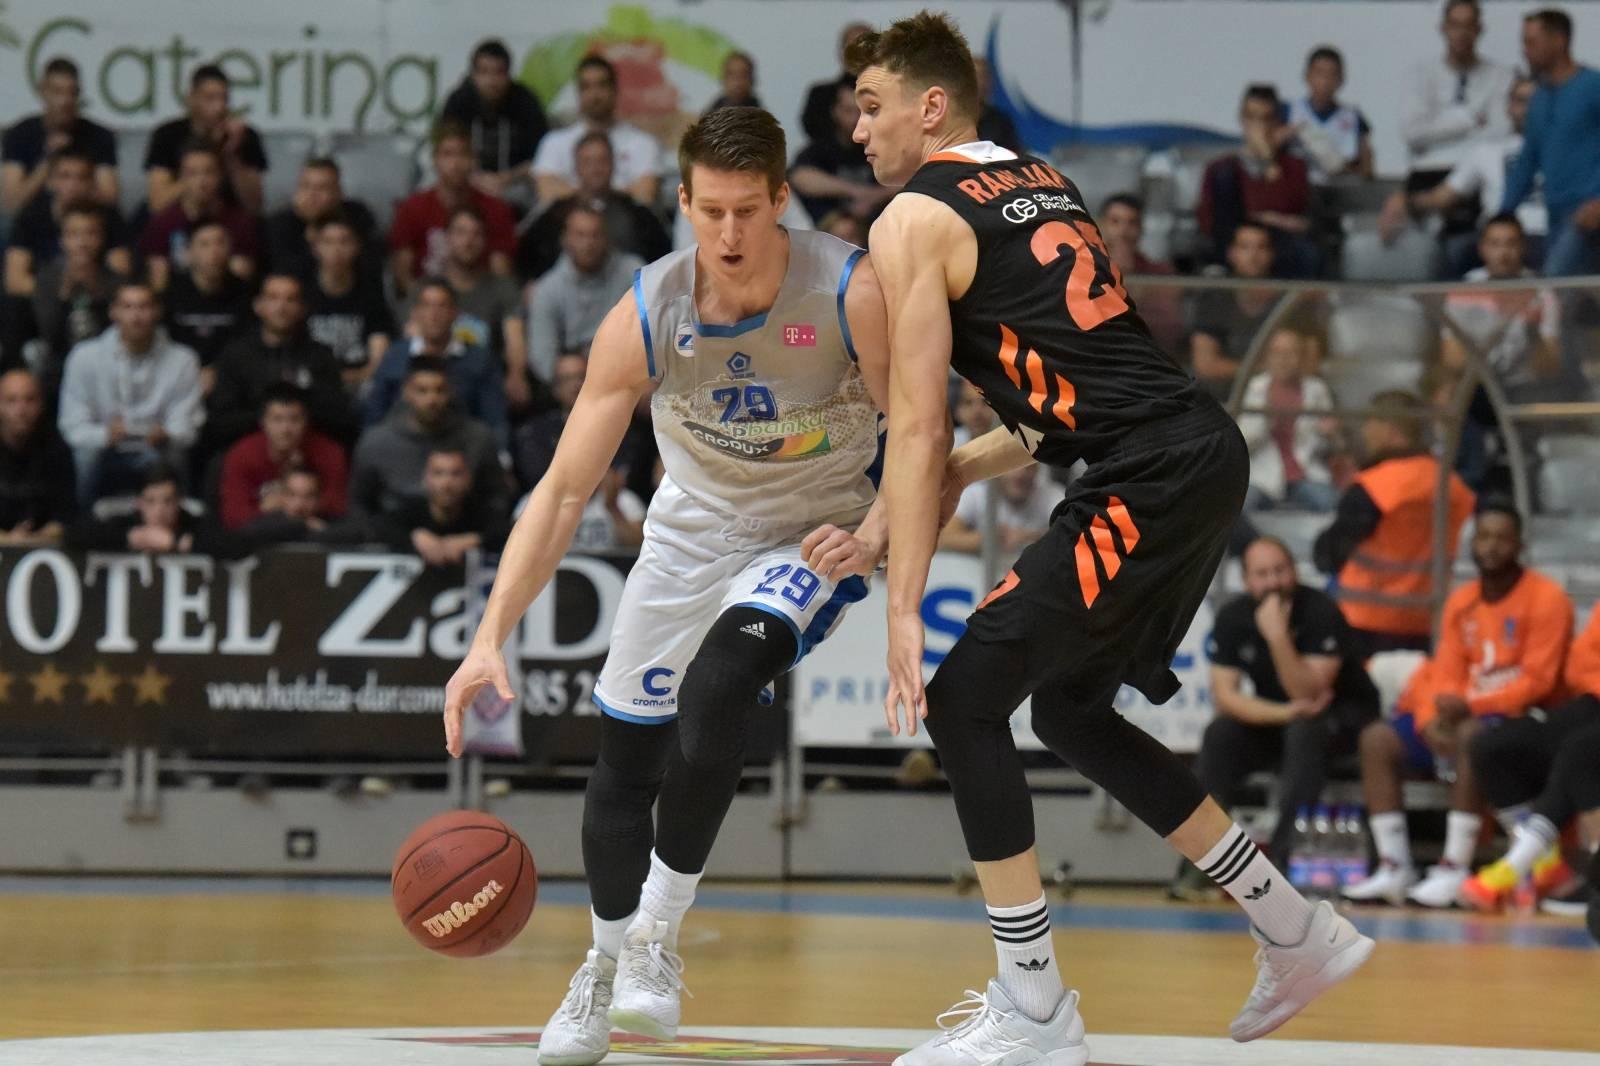 Zadar: Prva utakmica polufinala HT Premijer lige, KK Zadar - KK Cedevita